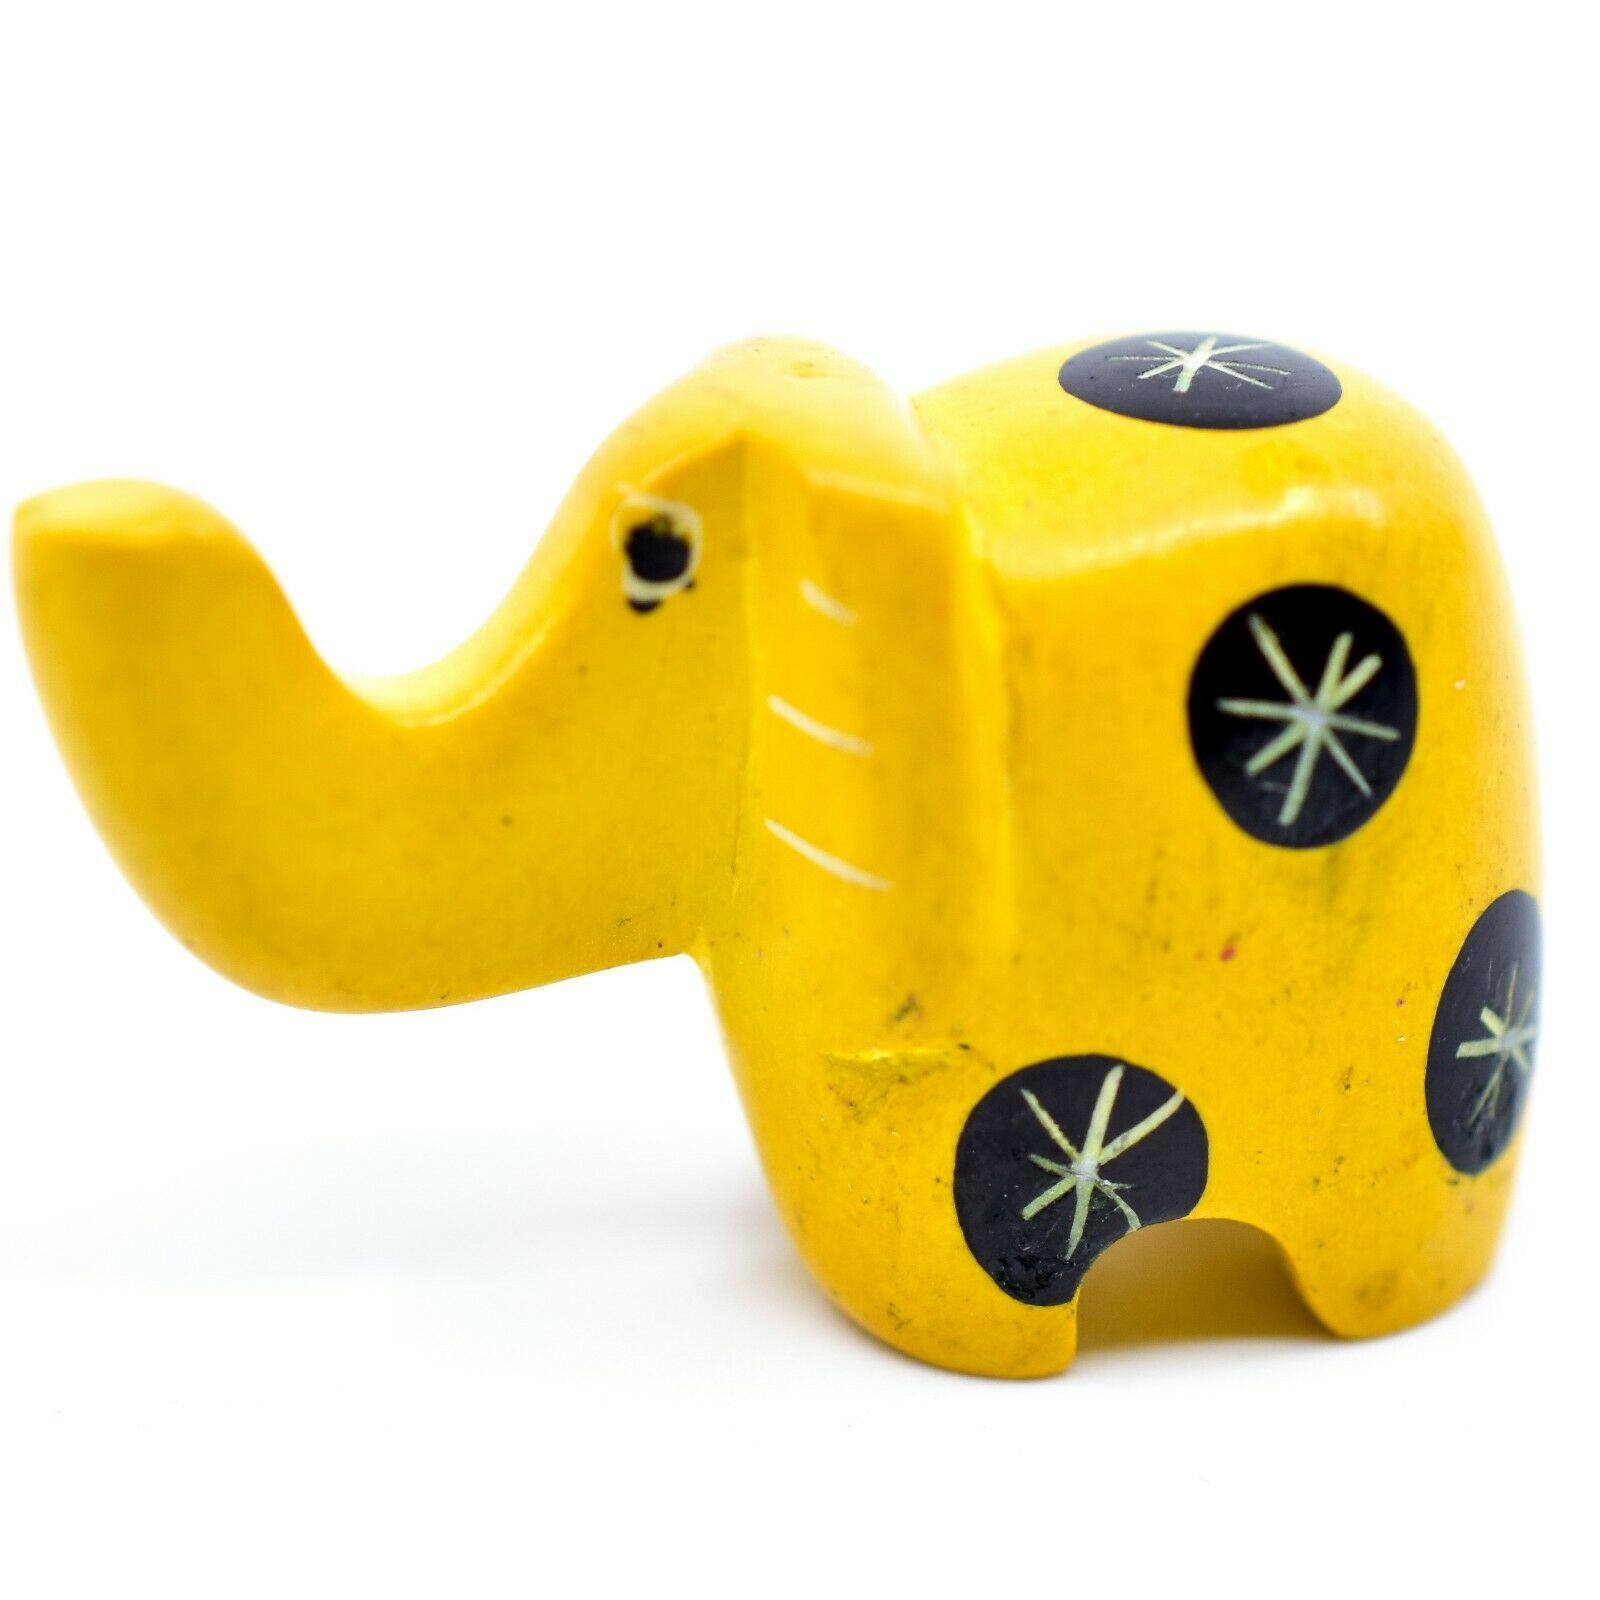 Tabaka Chigware Hand Carved Kisii Soapstone Miniature Yellow Elephant Figurine